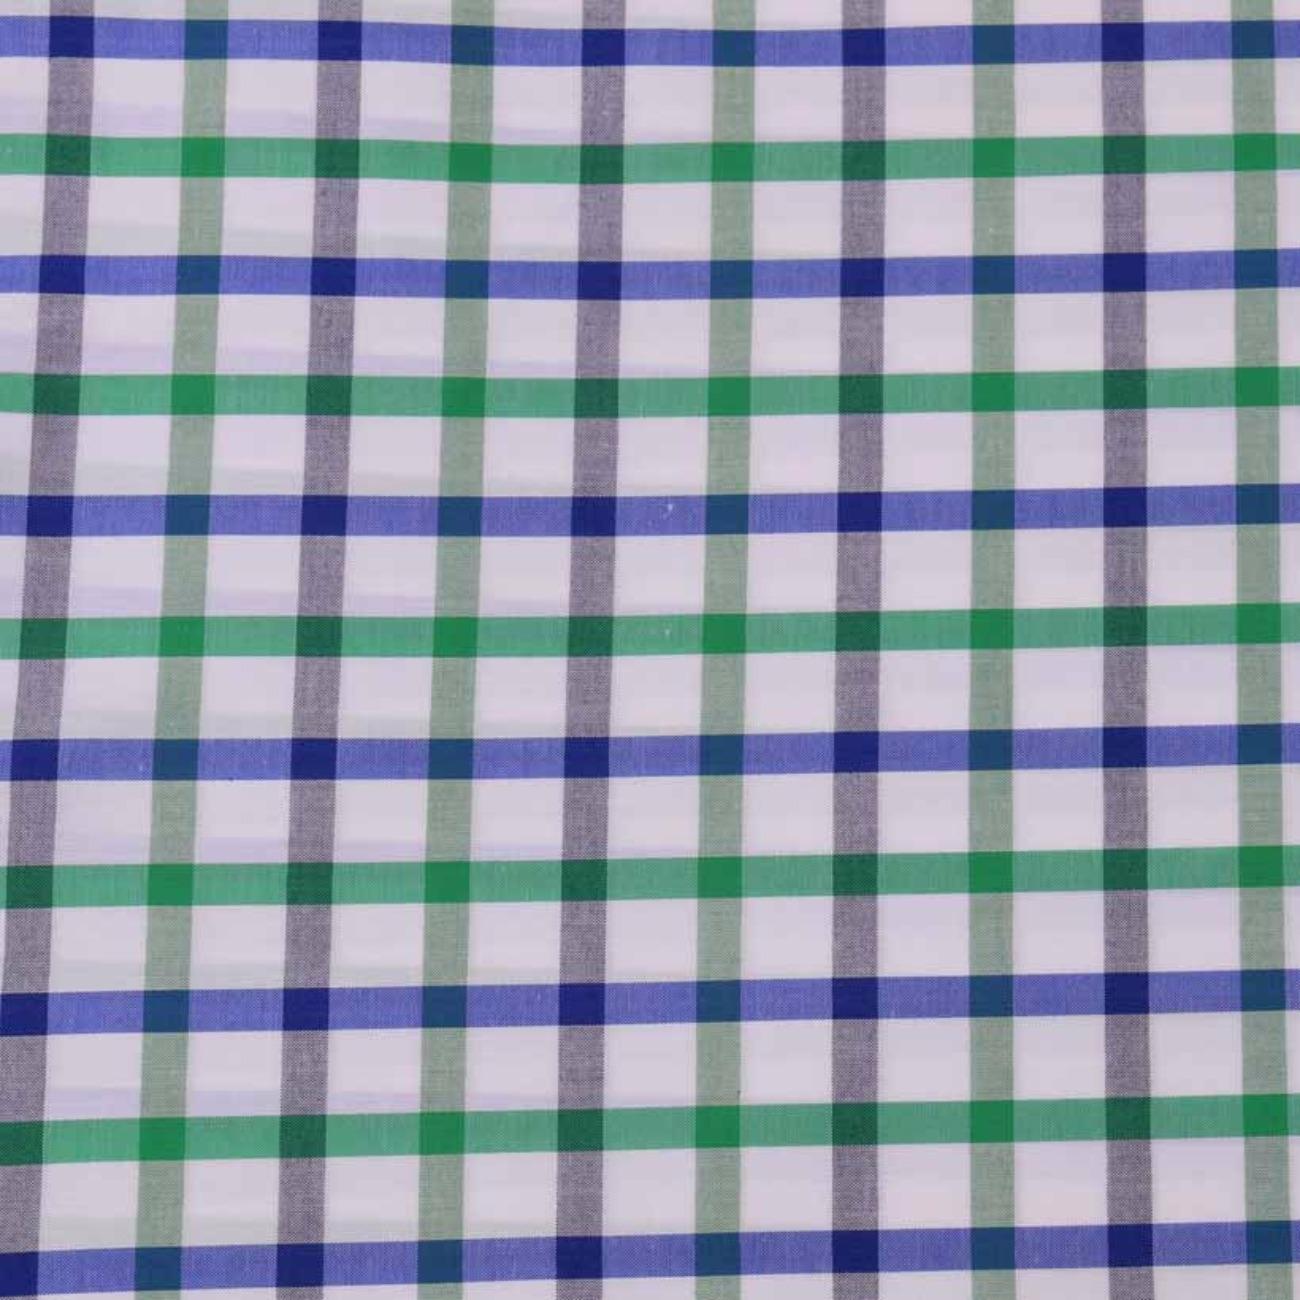 现货格子梭织色织低弹休闲时尚风格 衬衫 连衣裙 短裙 棉感 60929-3